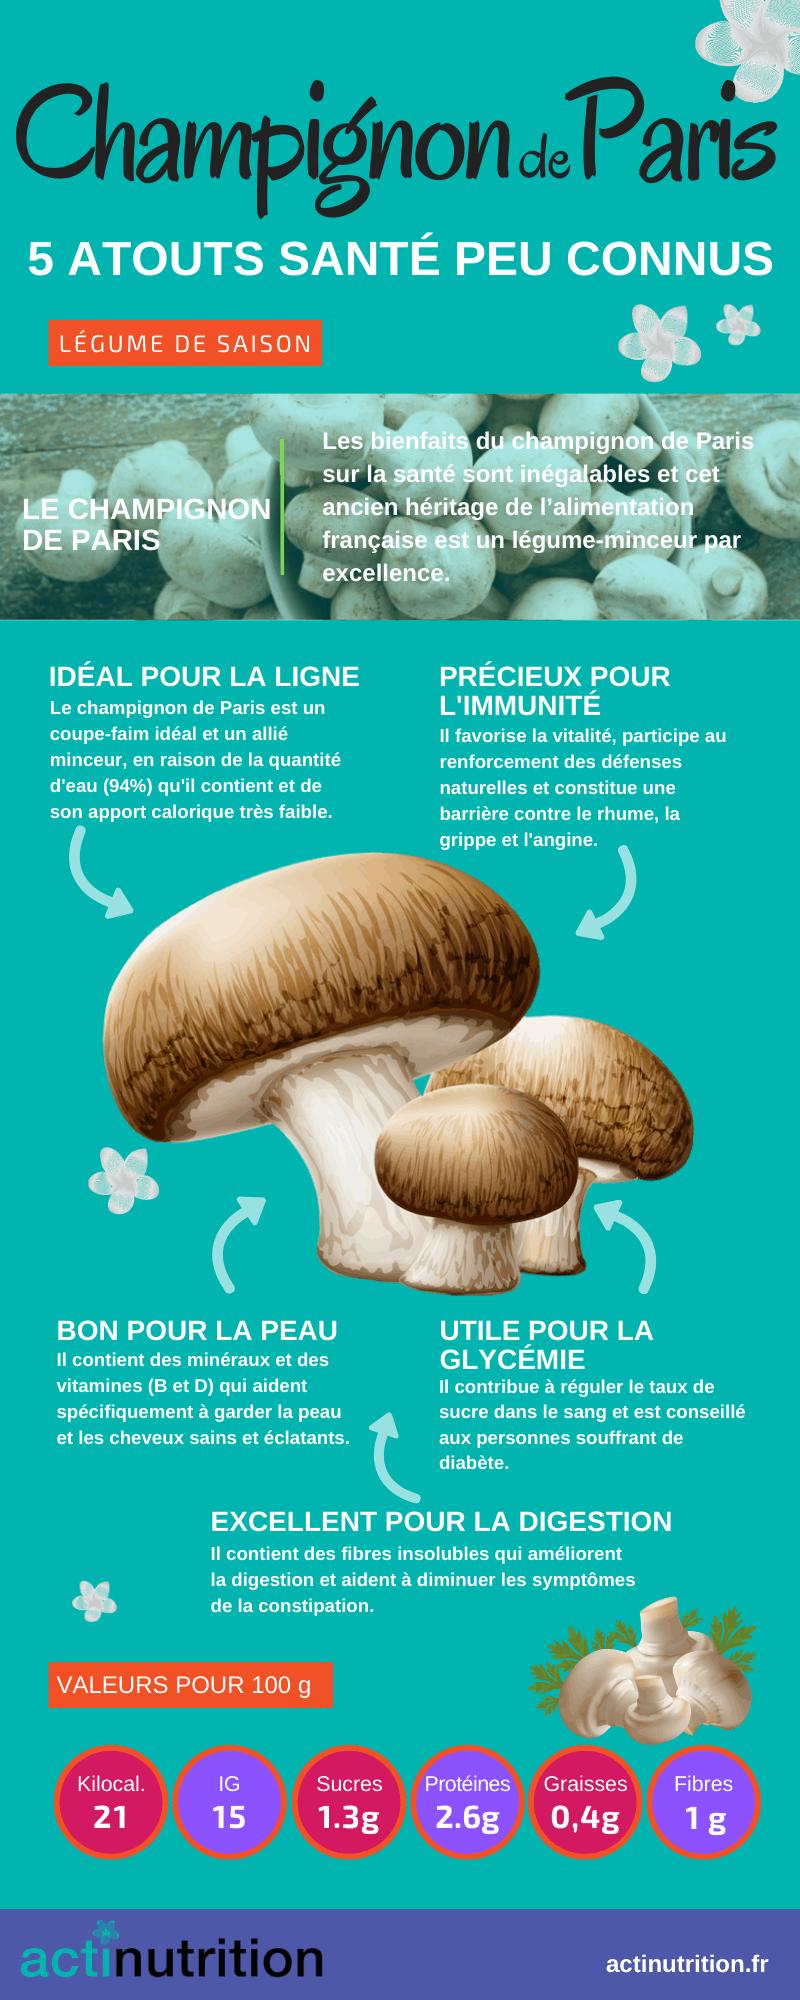 L'infographie sur les bienfaits du champignon de paris